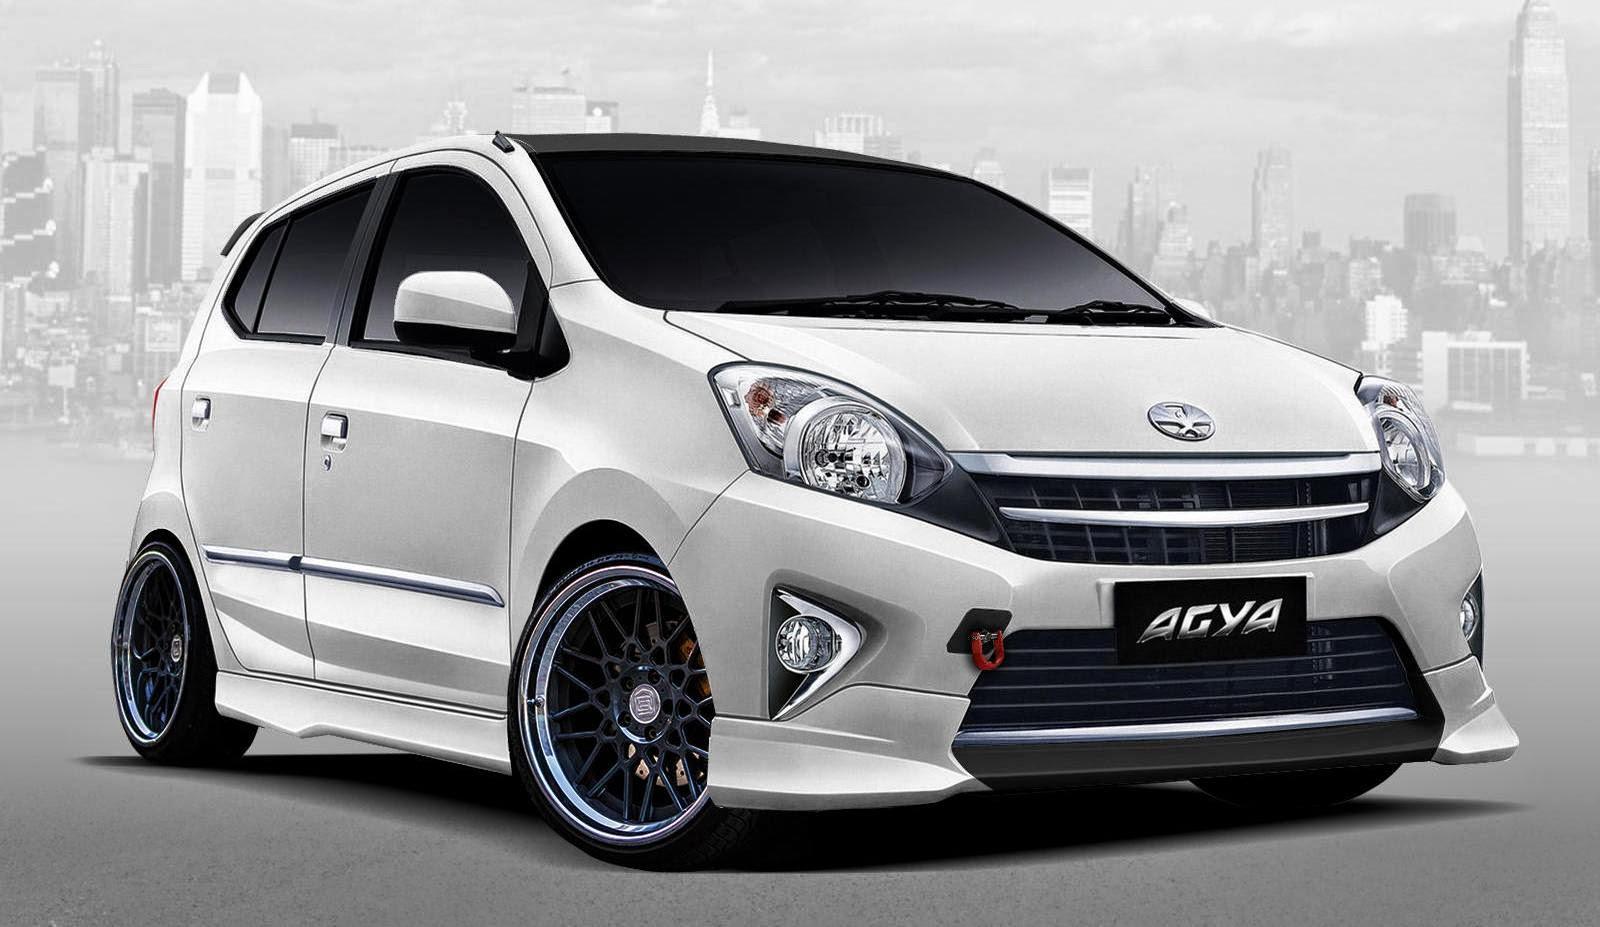 Daftar Harga Mobil Toyota Agya Terbaru 2014